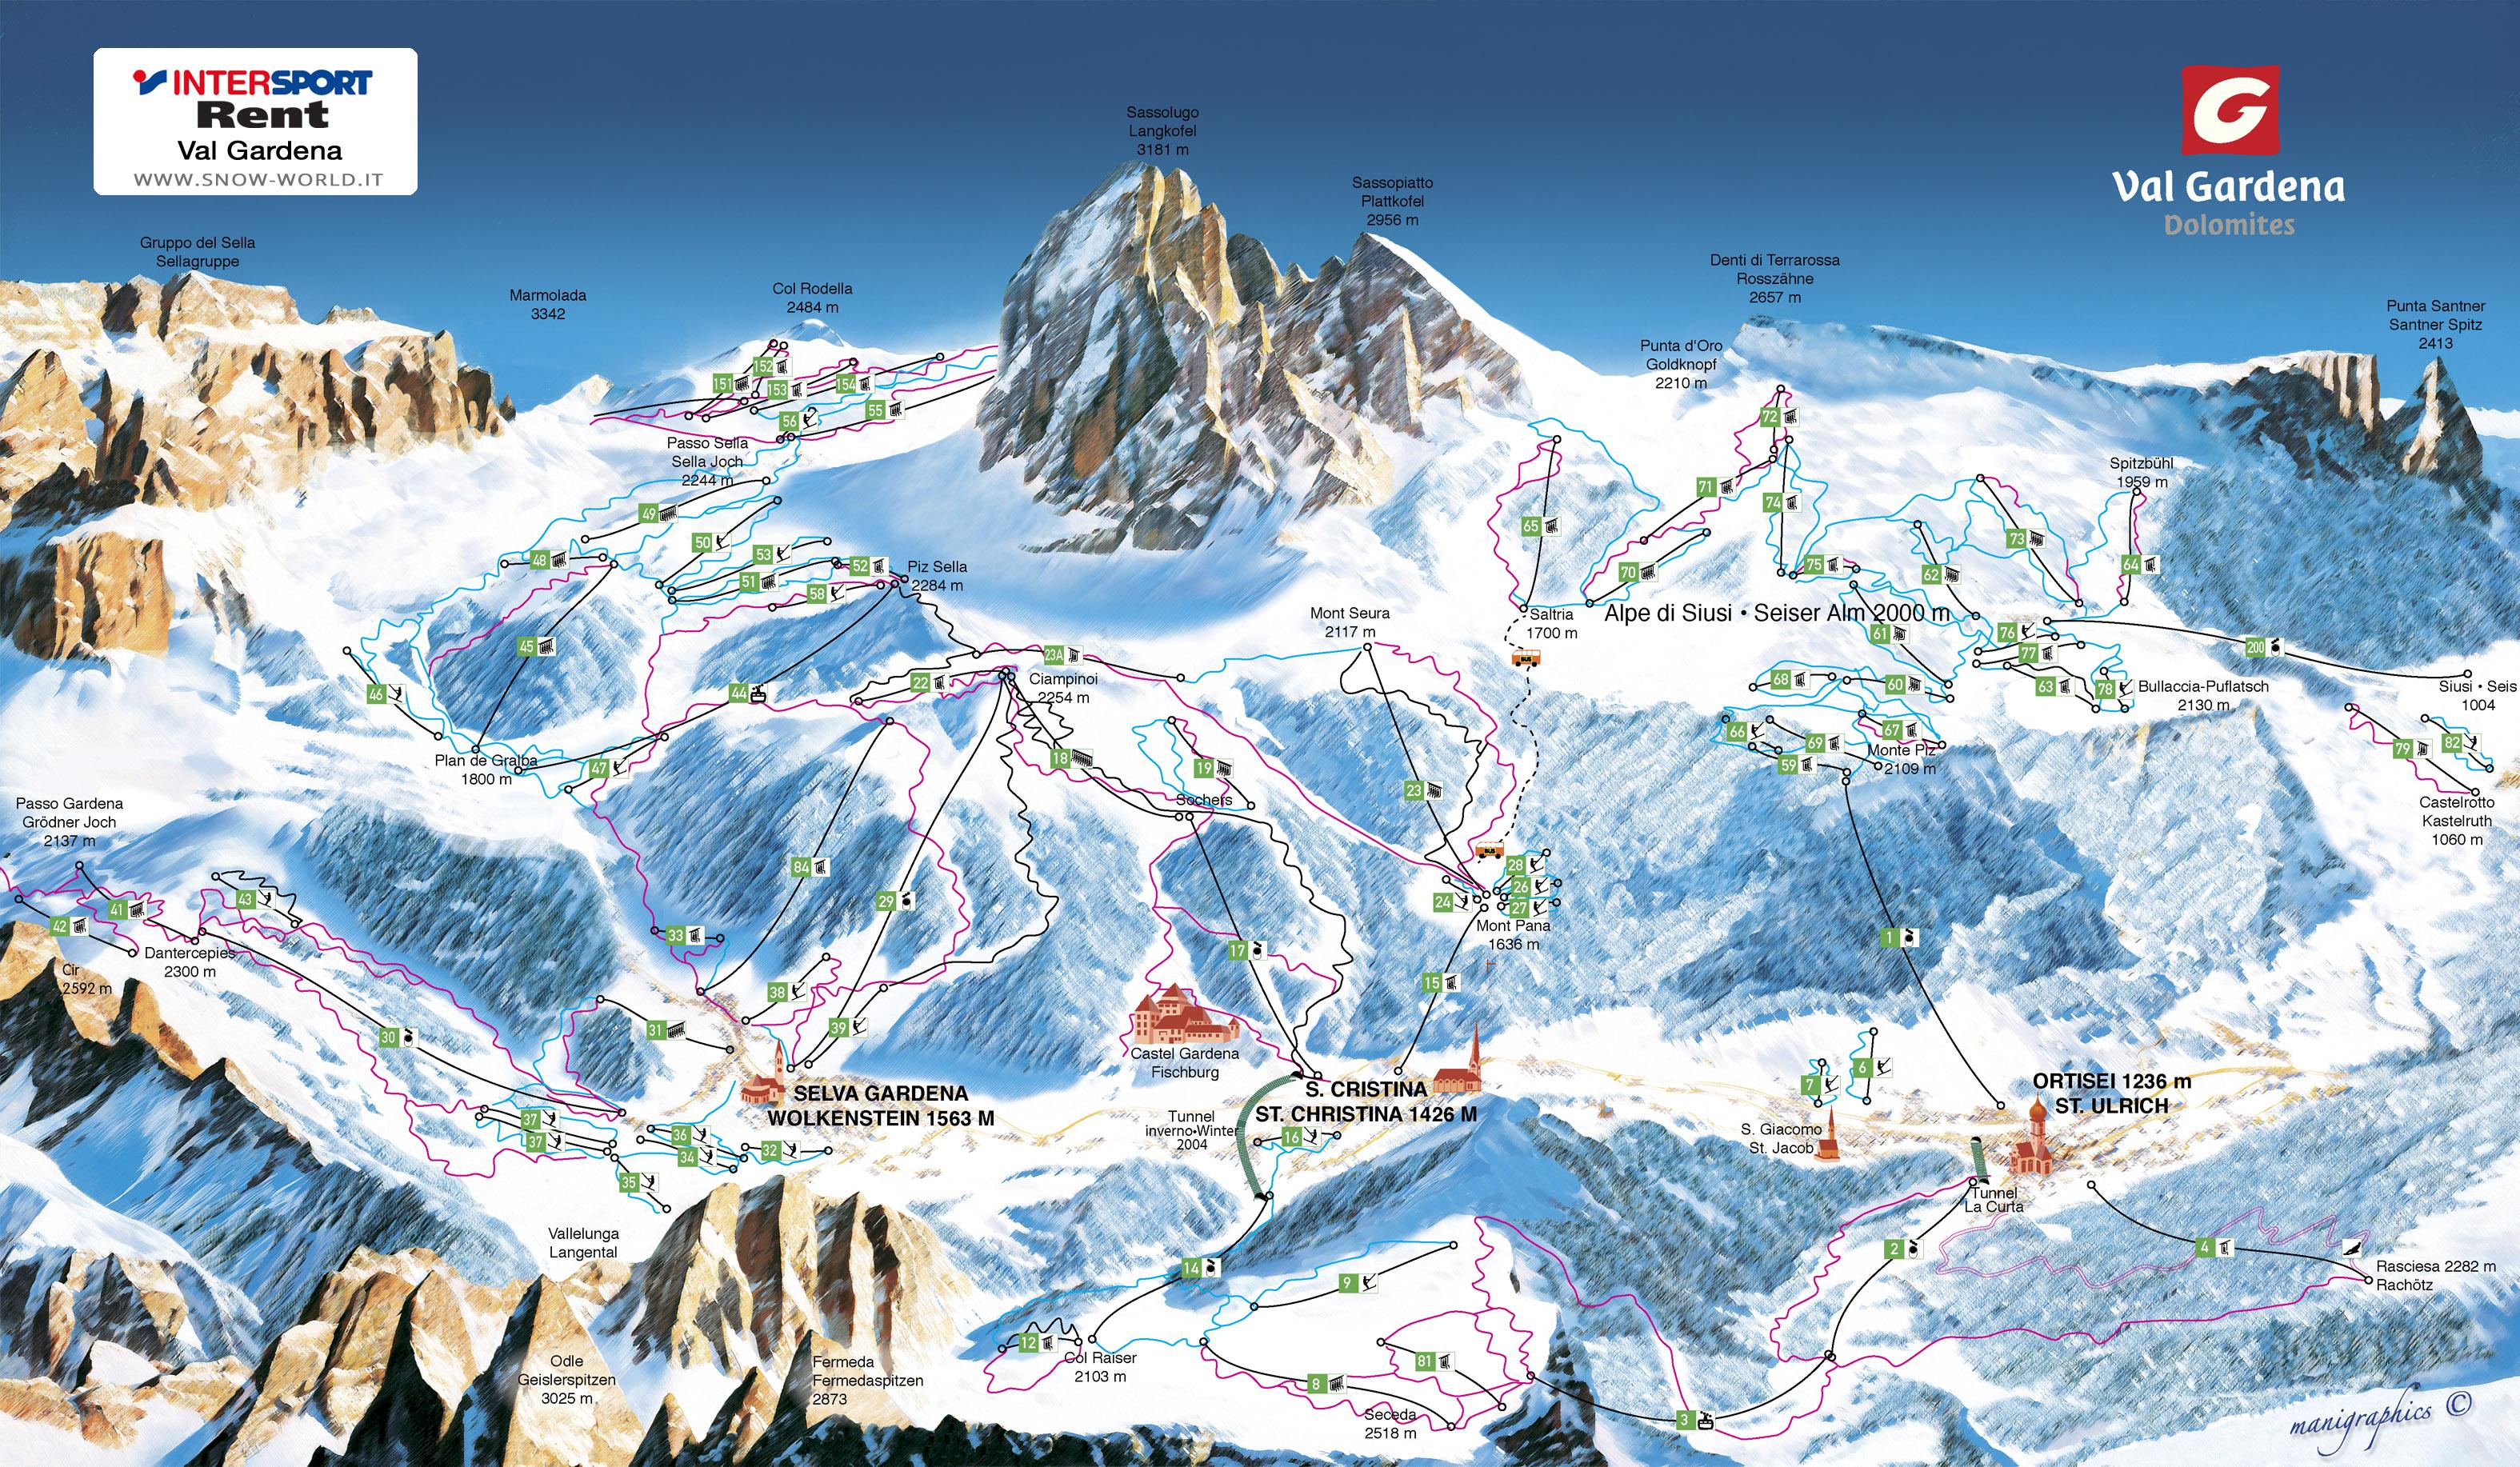 Ski Map Val Gardena-Alpe di Siusi - Dolomiti Superski